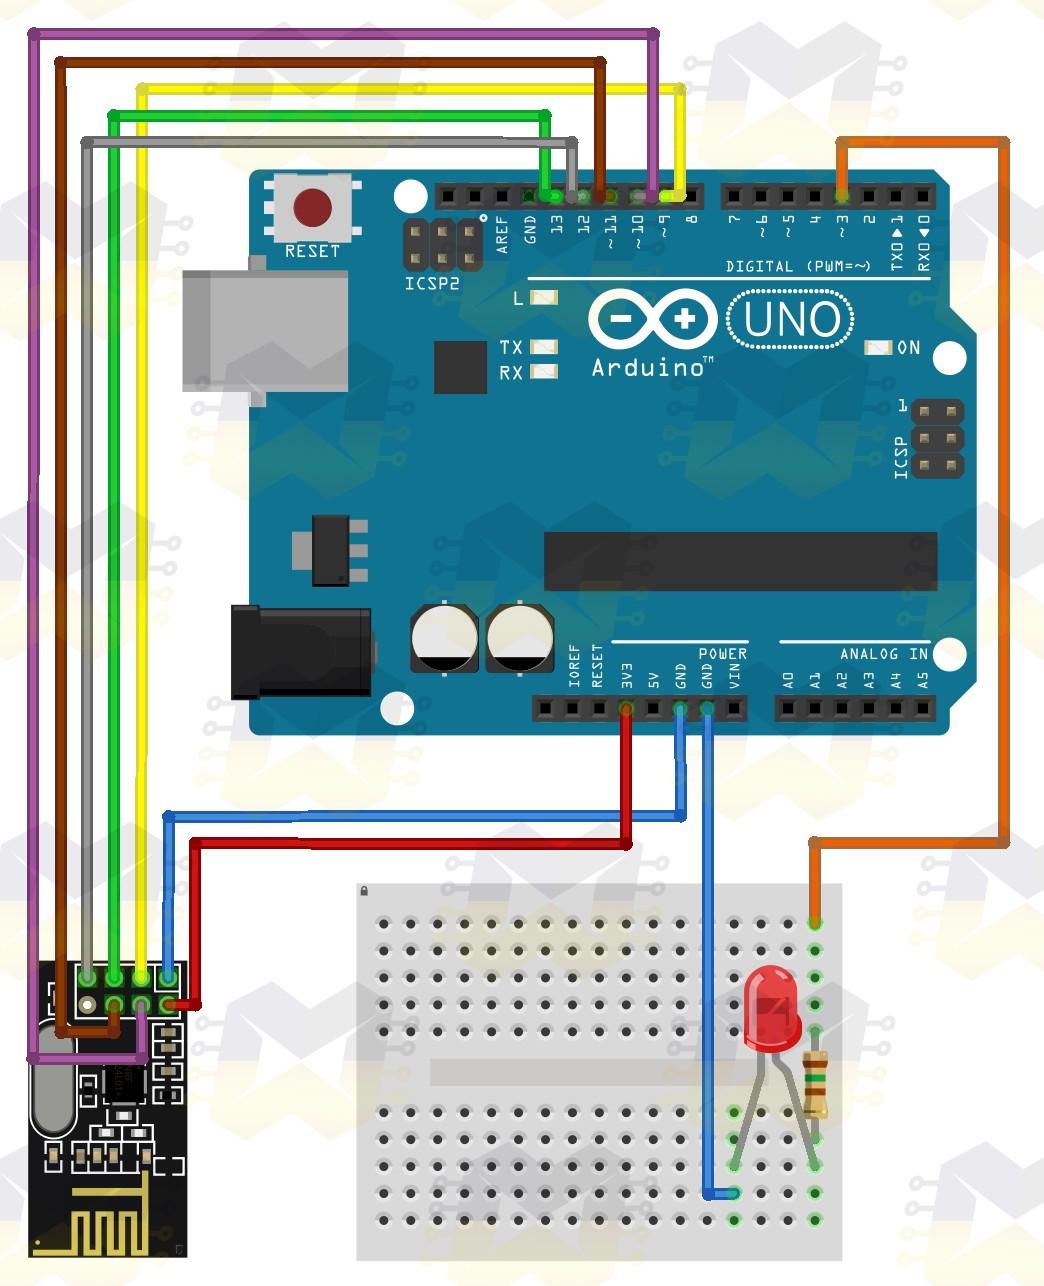 img02_como_usar_com_arduino_modulo_transceptor_wireless_2_4ghz_nrf24l01_uno_mega_2560_sem_fio_rf_wifi_dados_led